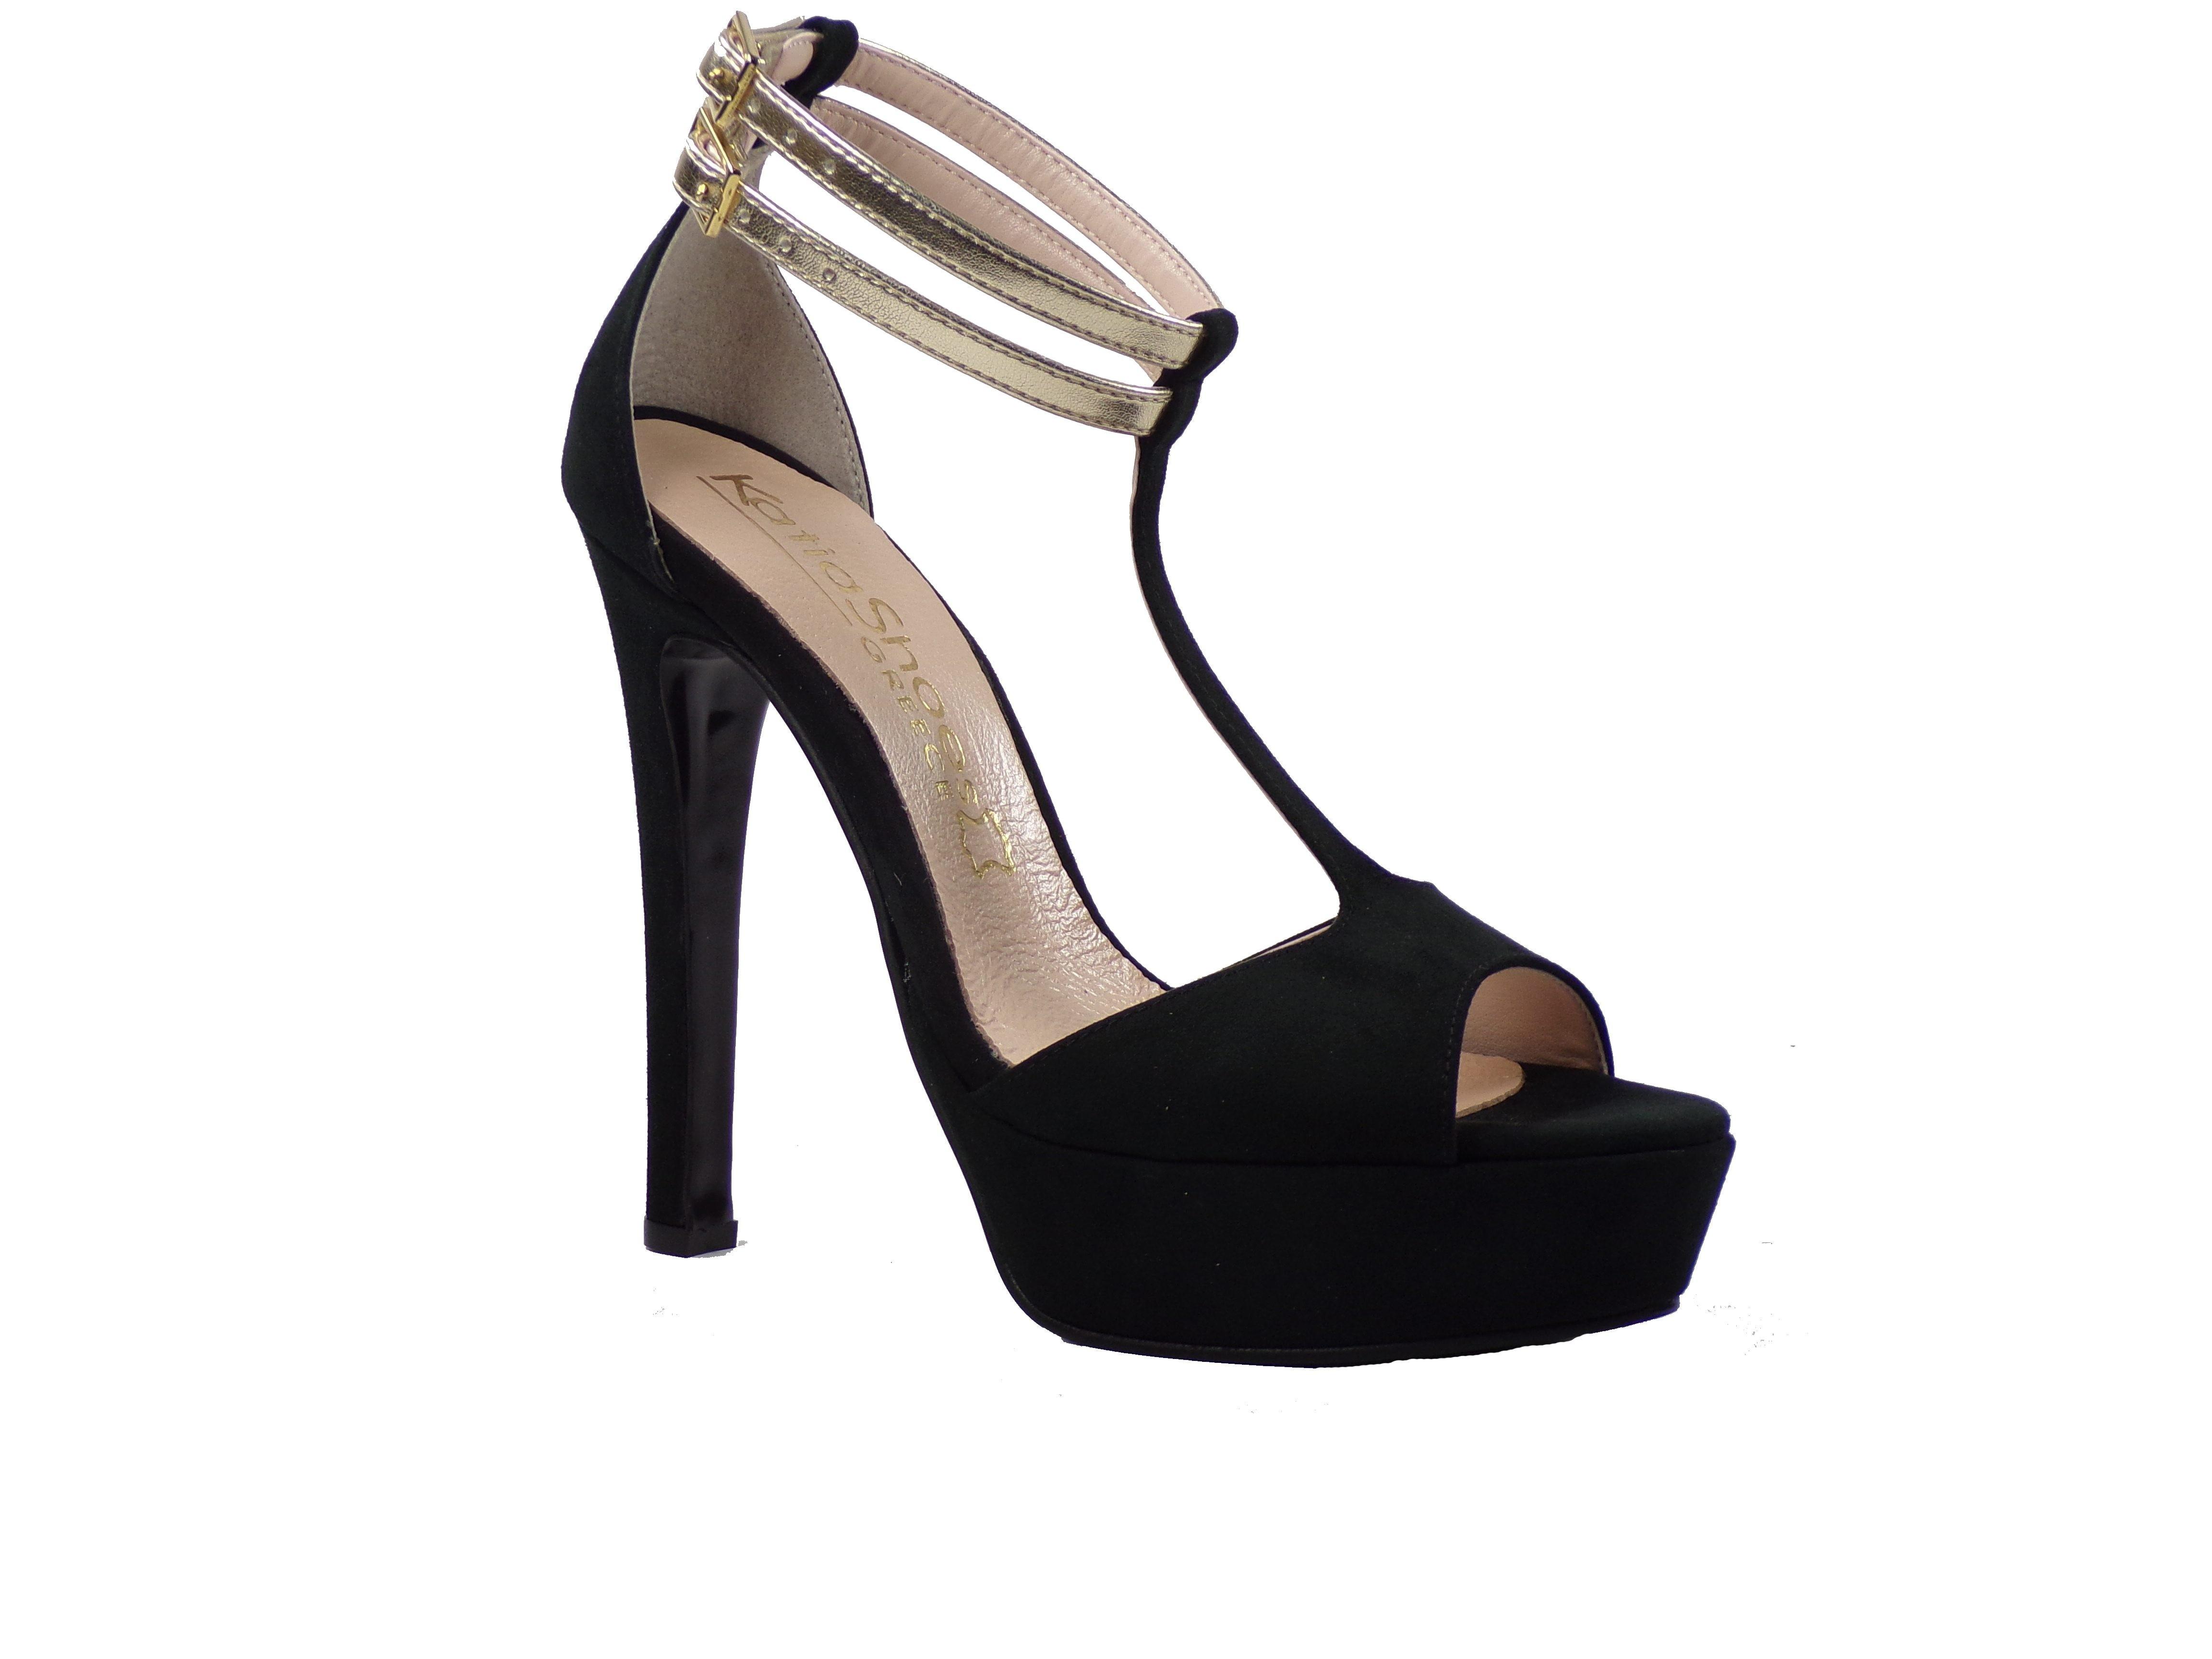 Katia Shoes Γυναικεία Πέδιλα 16/4715 Μαύρο Katia shoes 16/4715 Μ